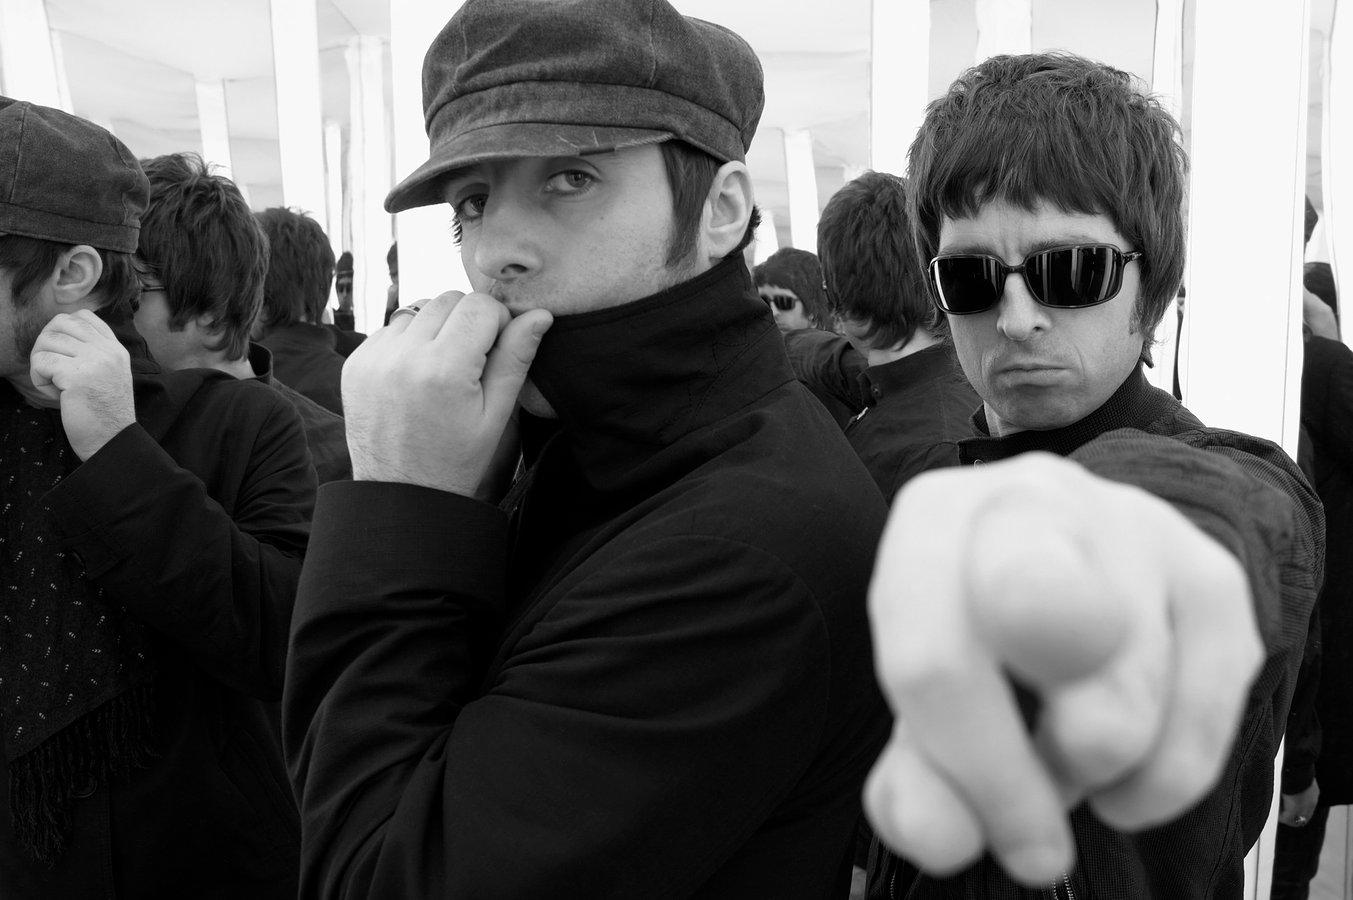 Noel e Liam Gallagher teriam feito